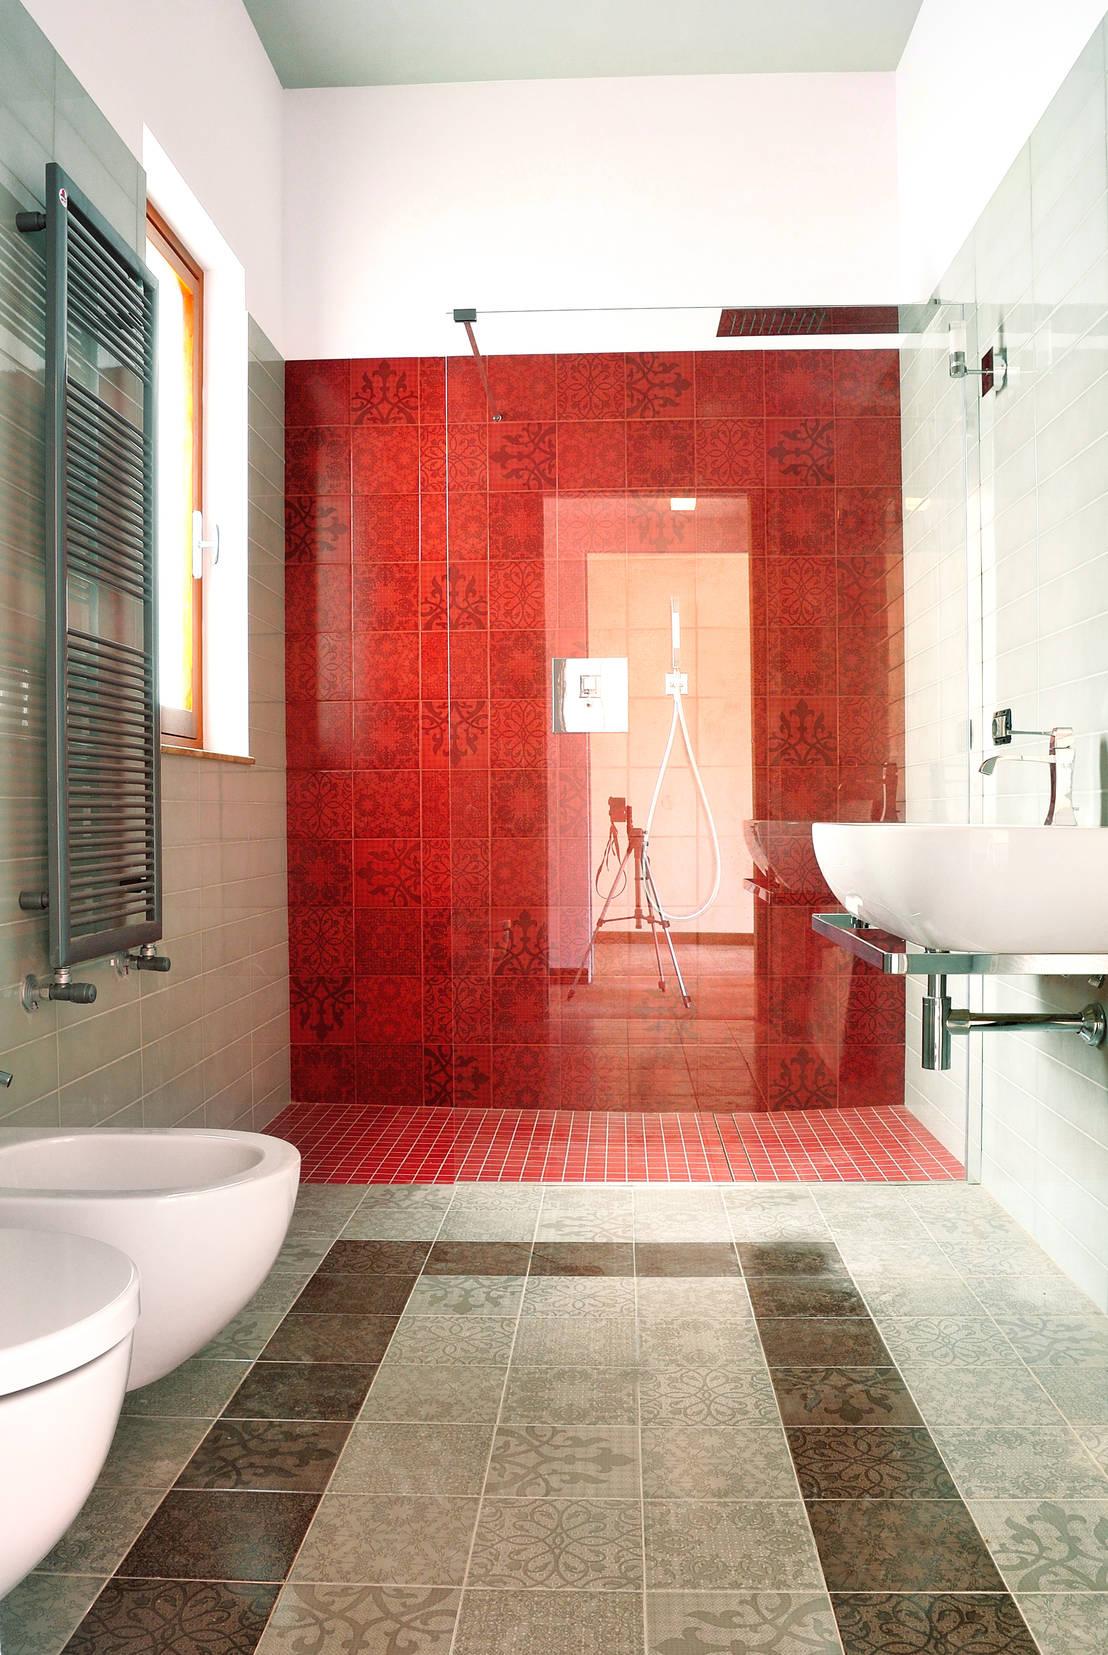 욕조 없이 샤워부스로 특별한 욕실을 만드는 열 가지 방법